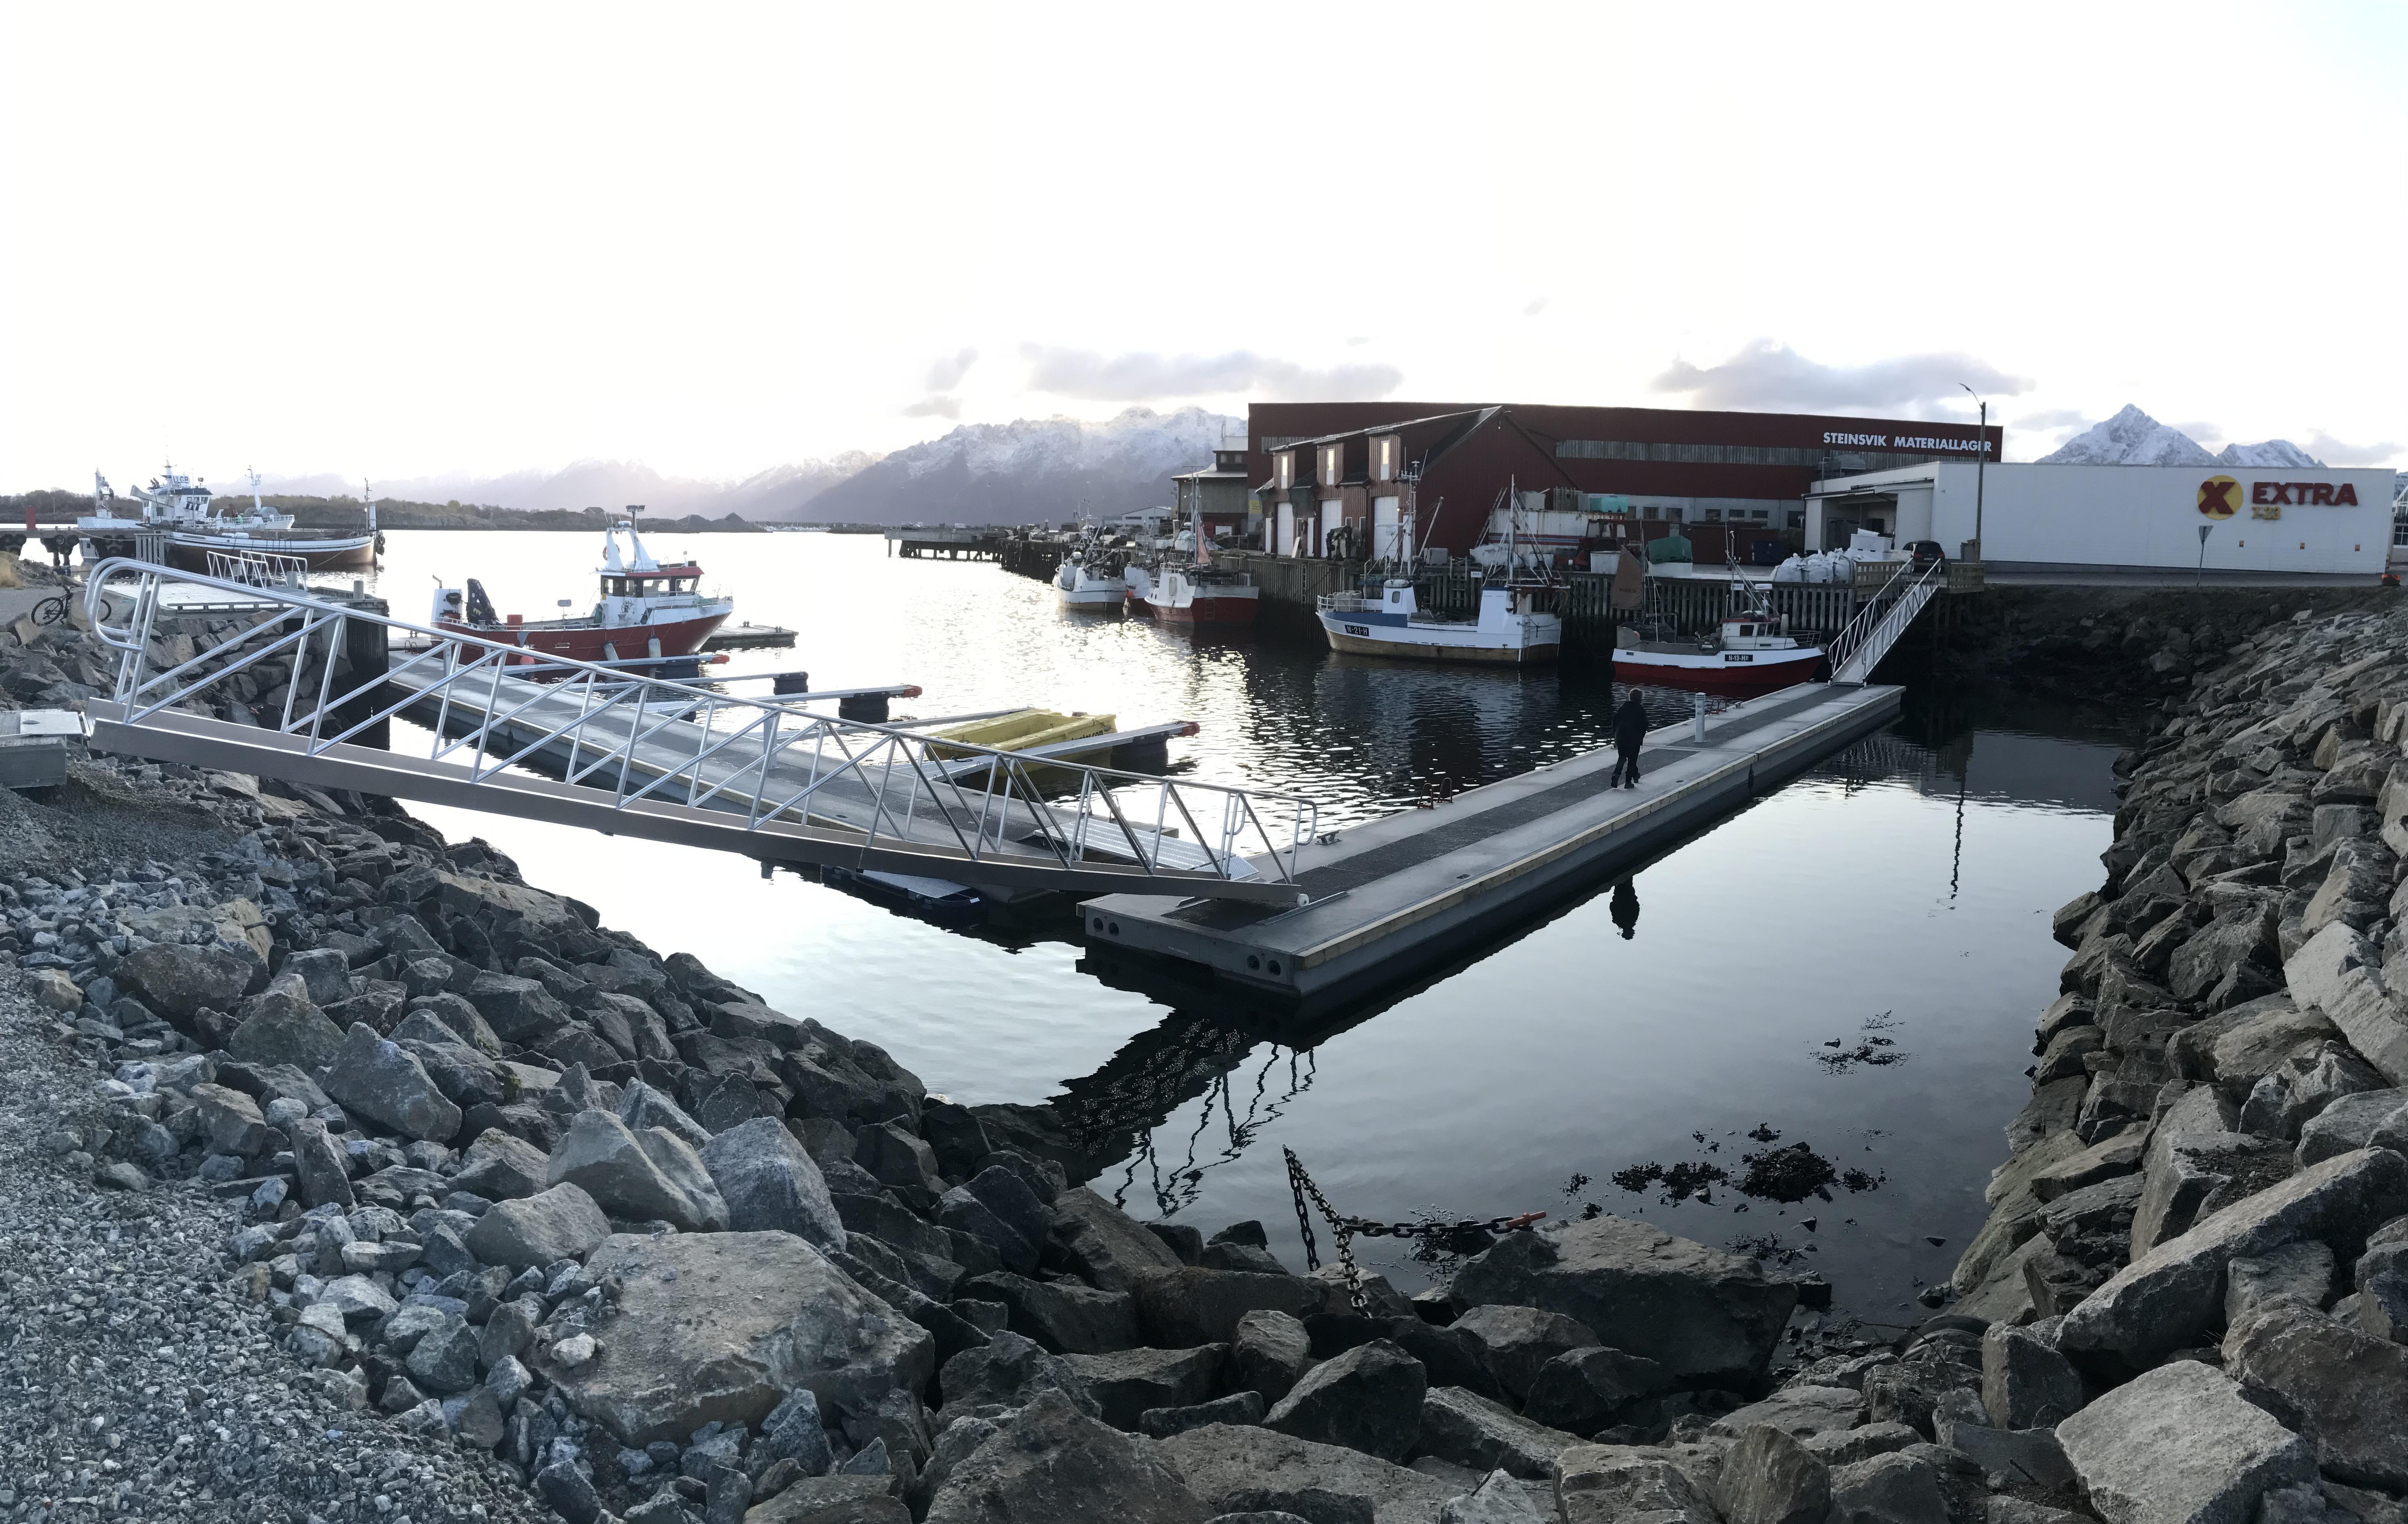 https://marinasolutions.no/uploads/Hadsel-havn-melbu-snøfrie-betongbrygger-marina-solutions-Tallykey-strømposter-6.JPG